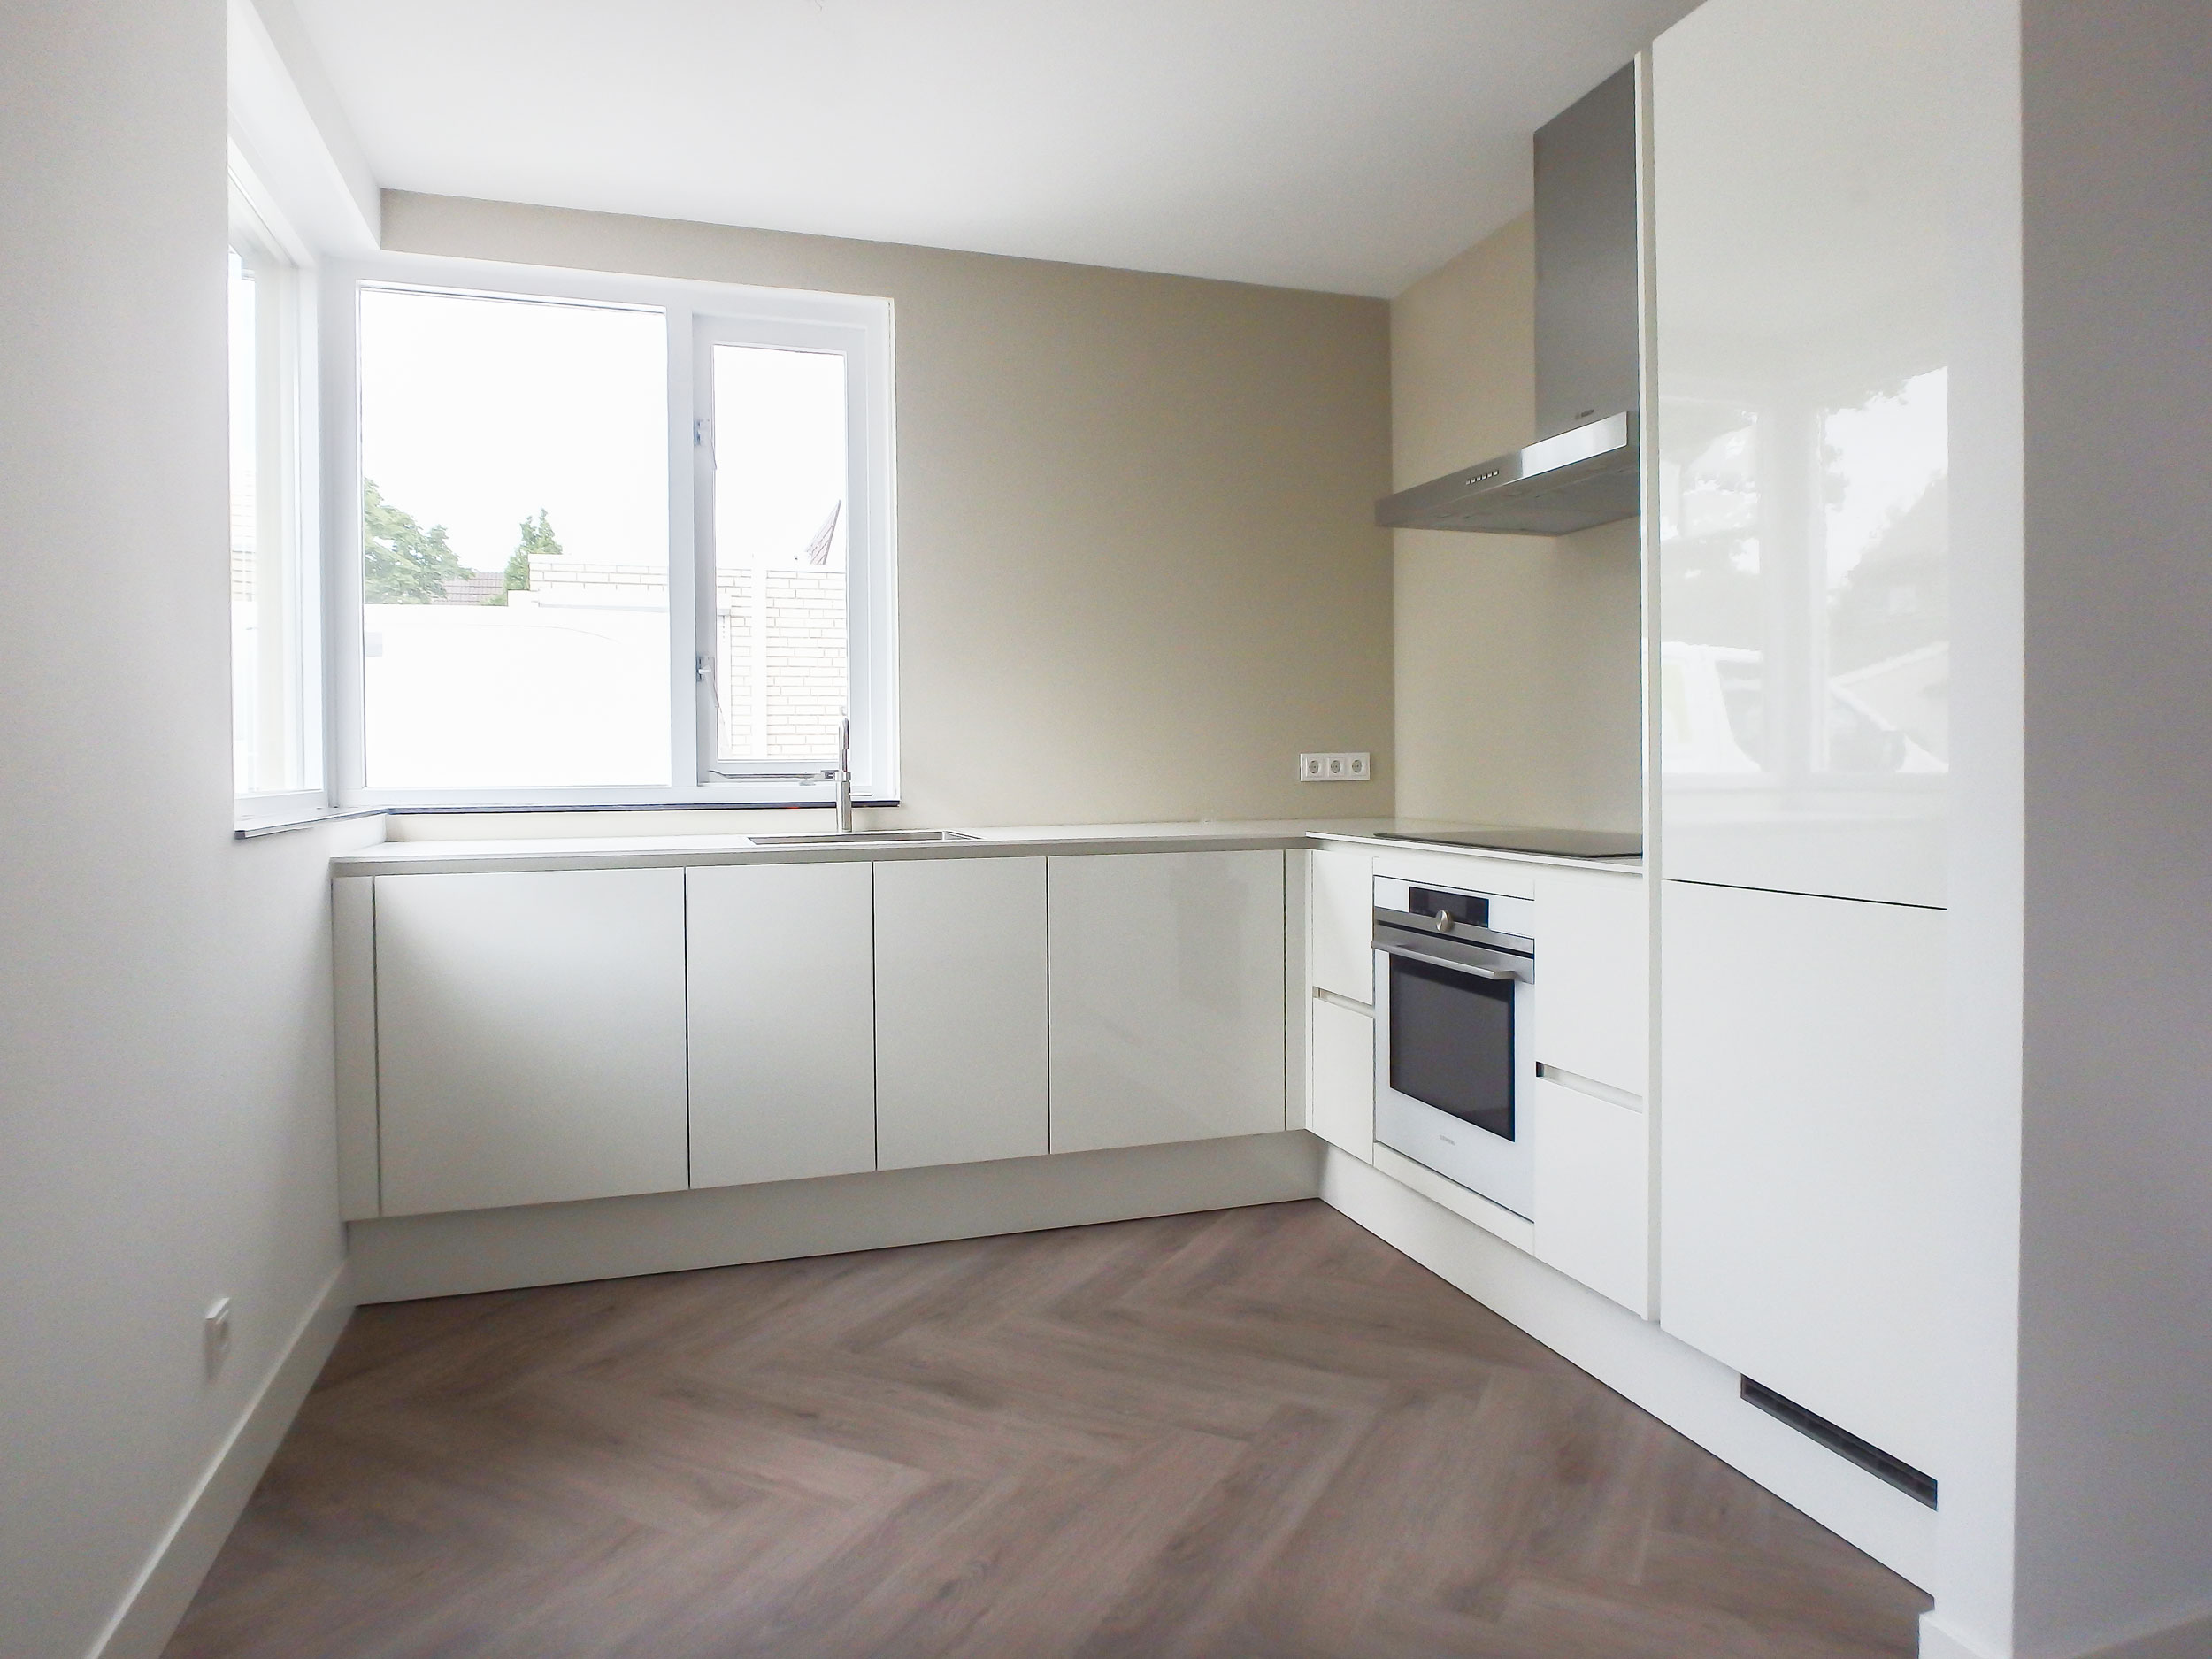 Keukens Den Bosch : Keuken renovatie den bosch nbt bouw